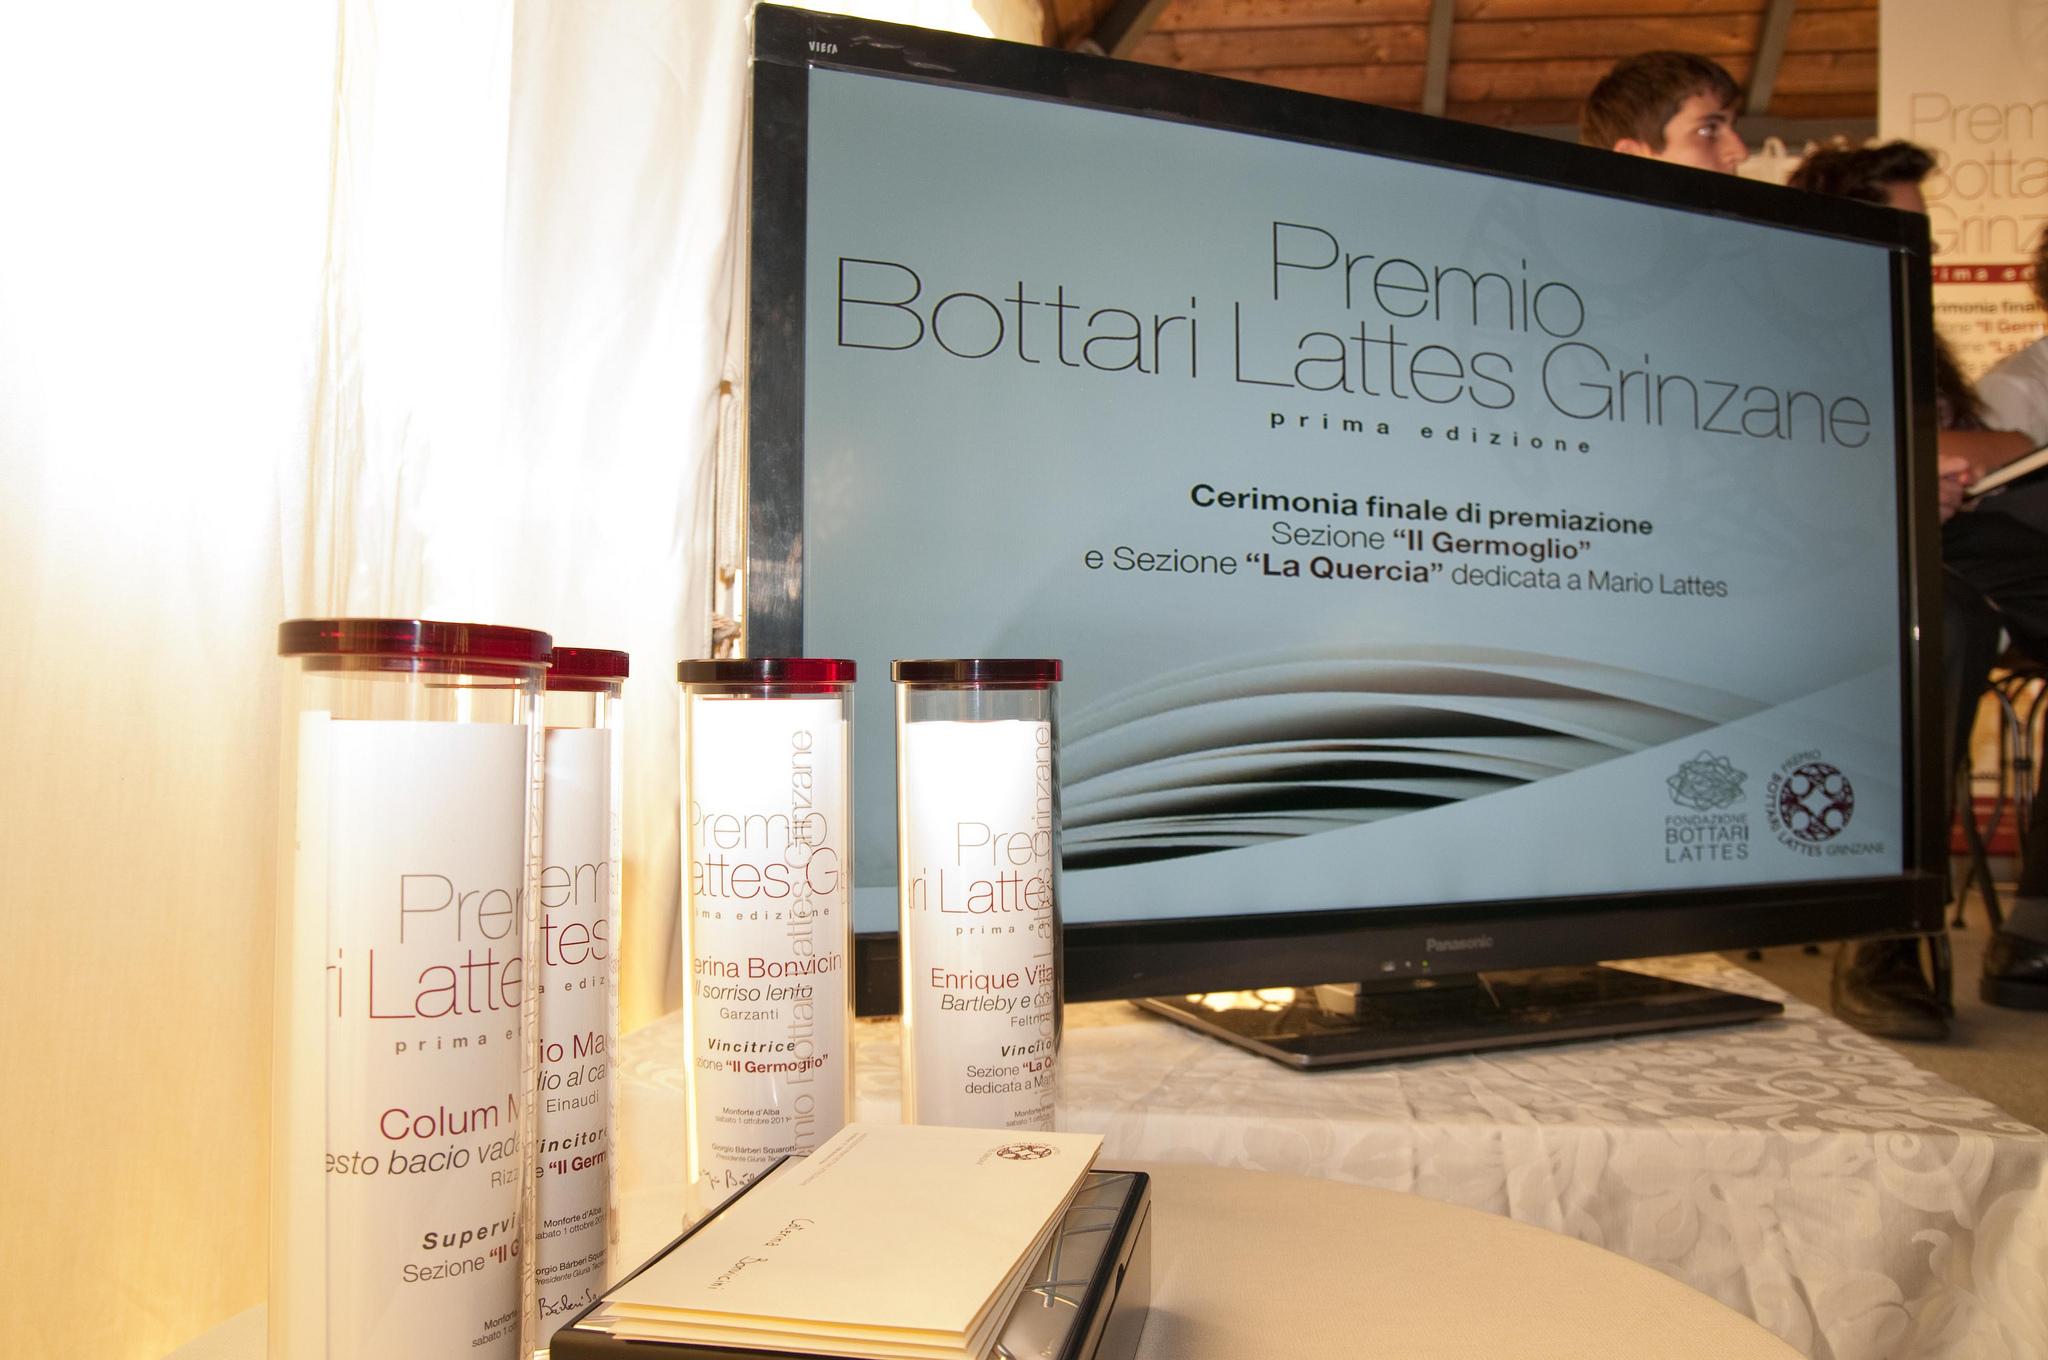 Prima edizione del Premio Bottari Lattes